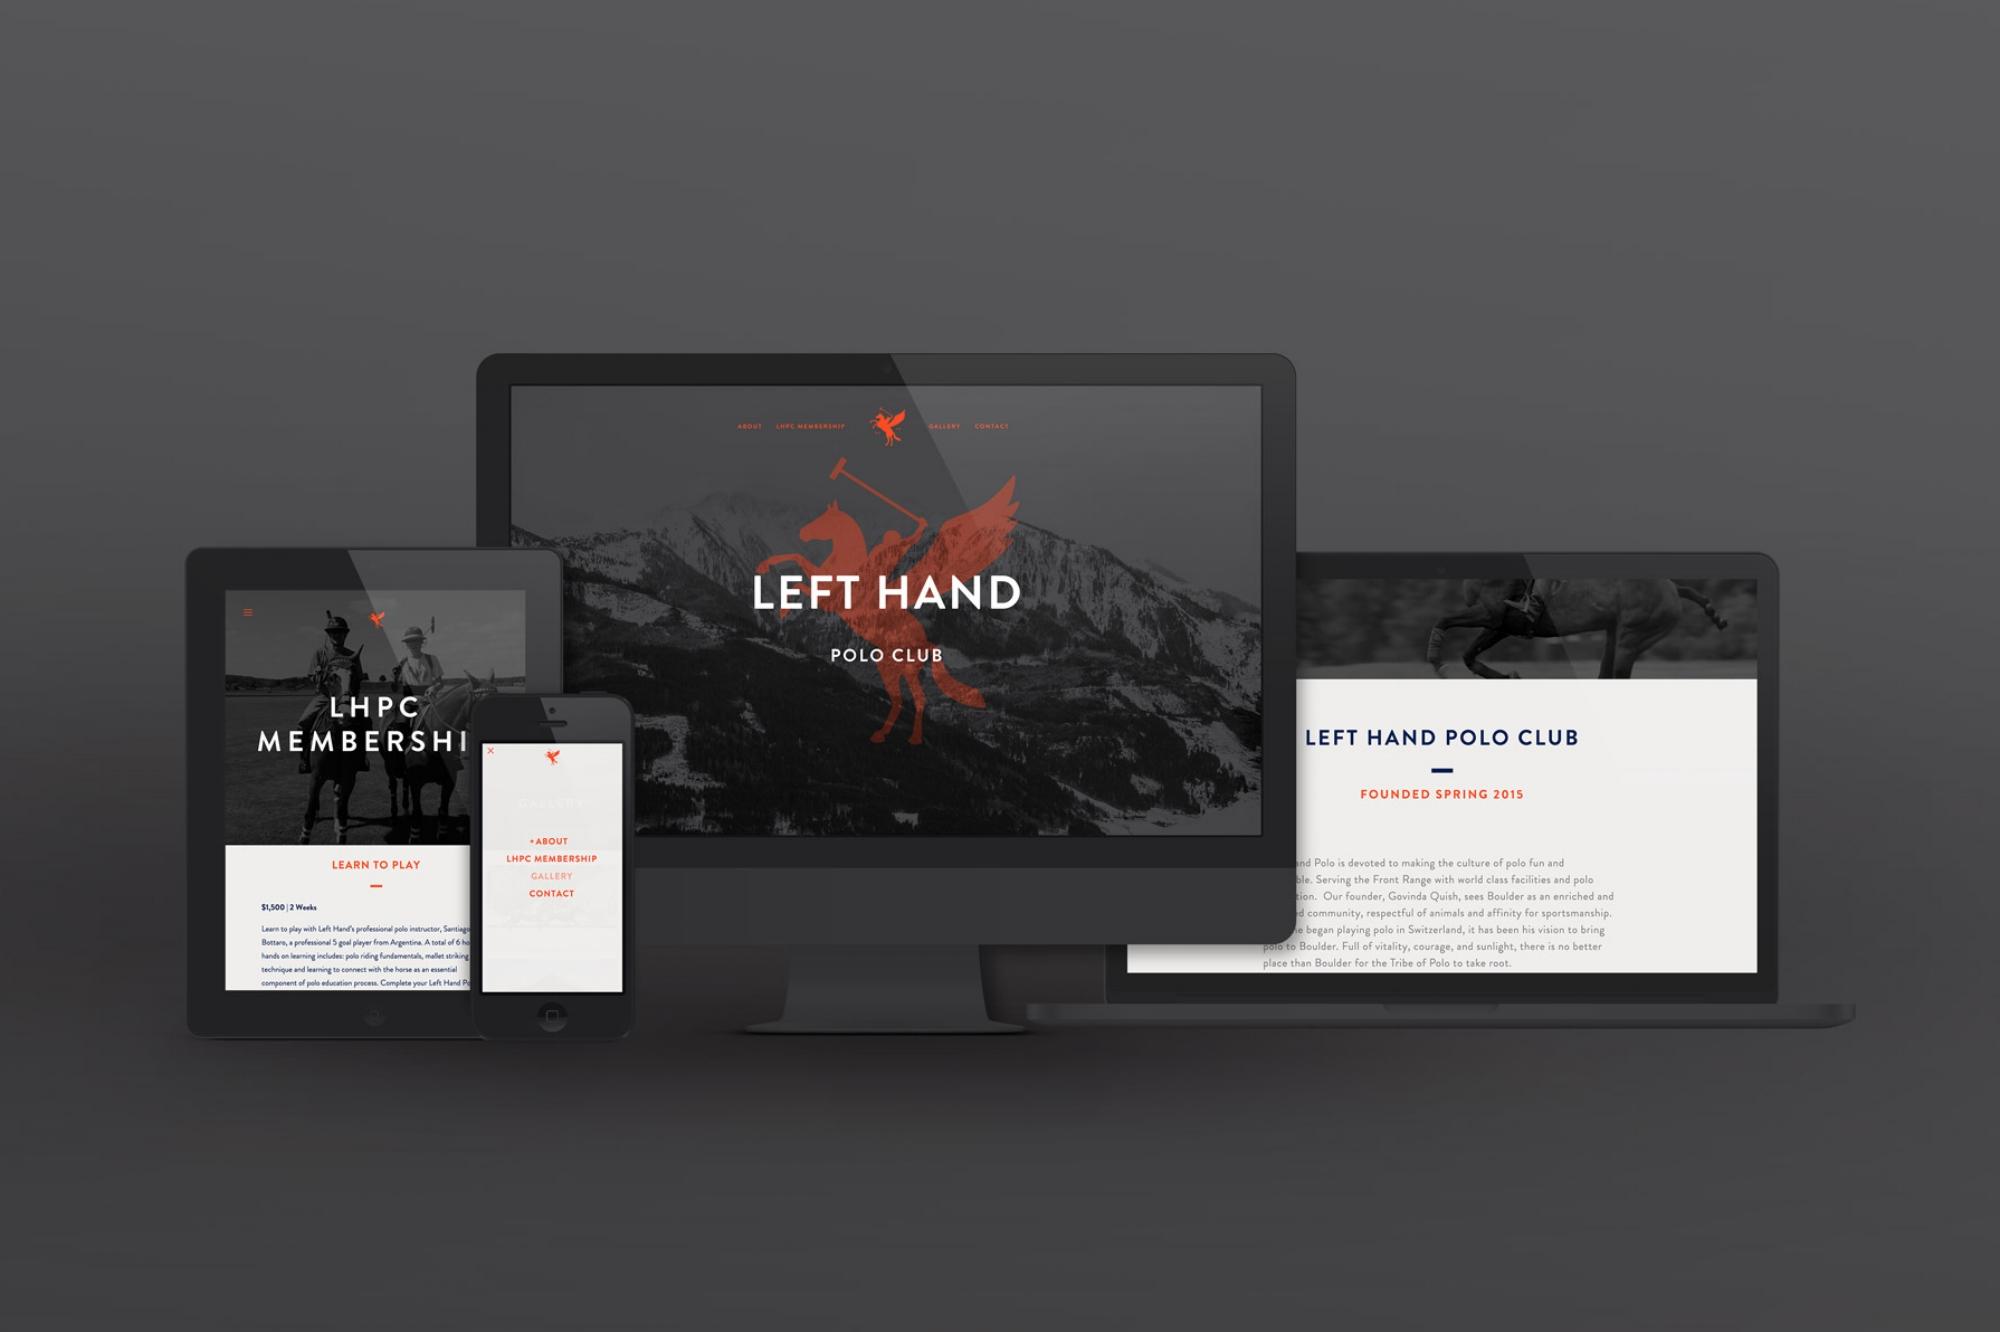 LHPC_web.jpg